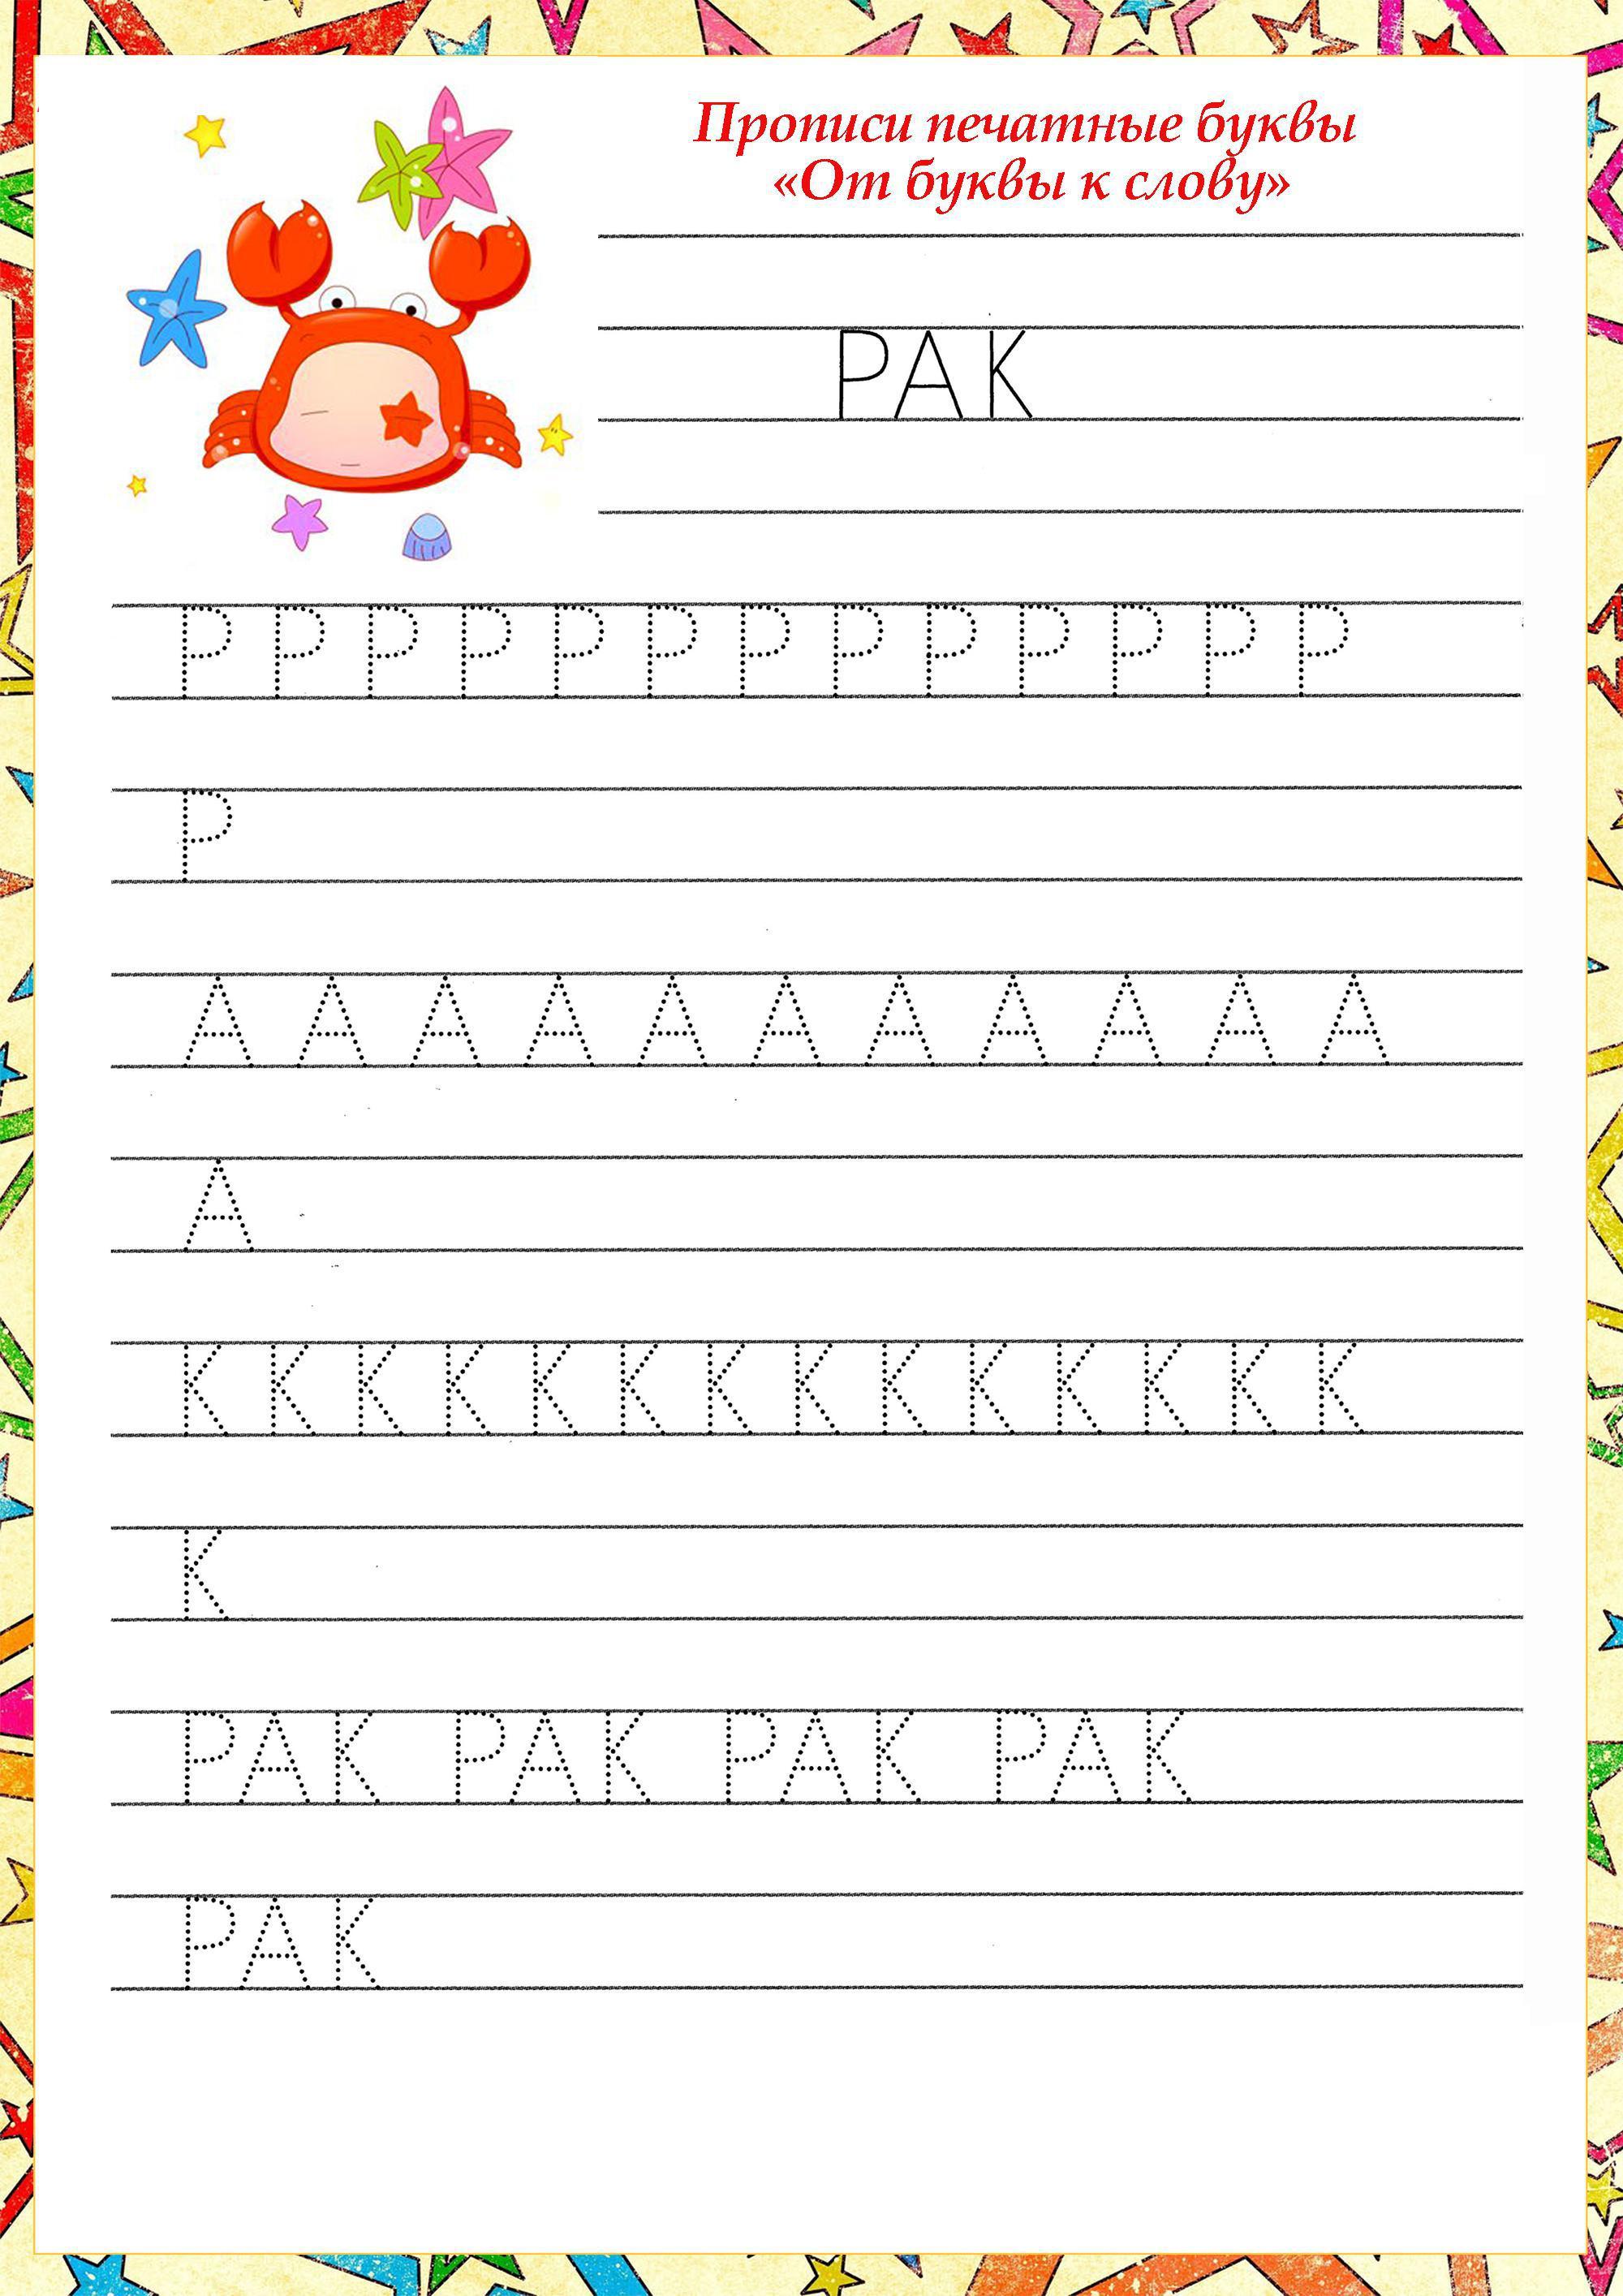 Прописи для дошкольников, печатные буквы от буквы к слову, слово рак